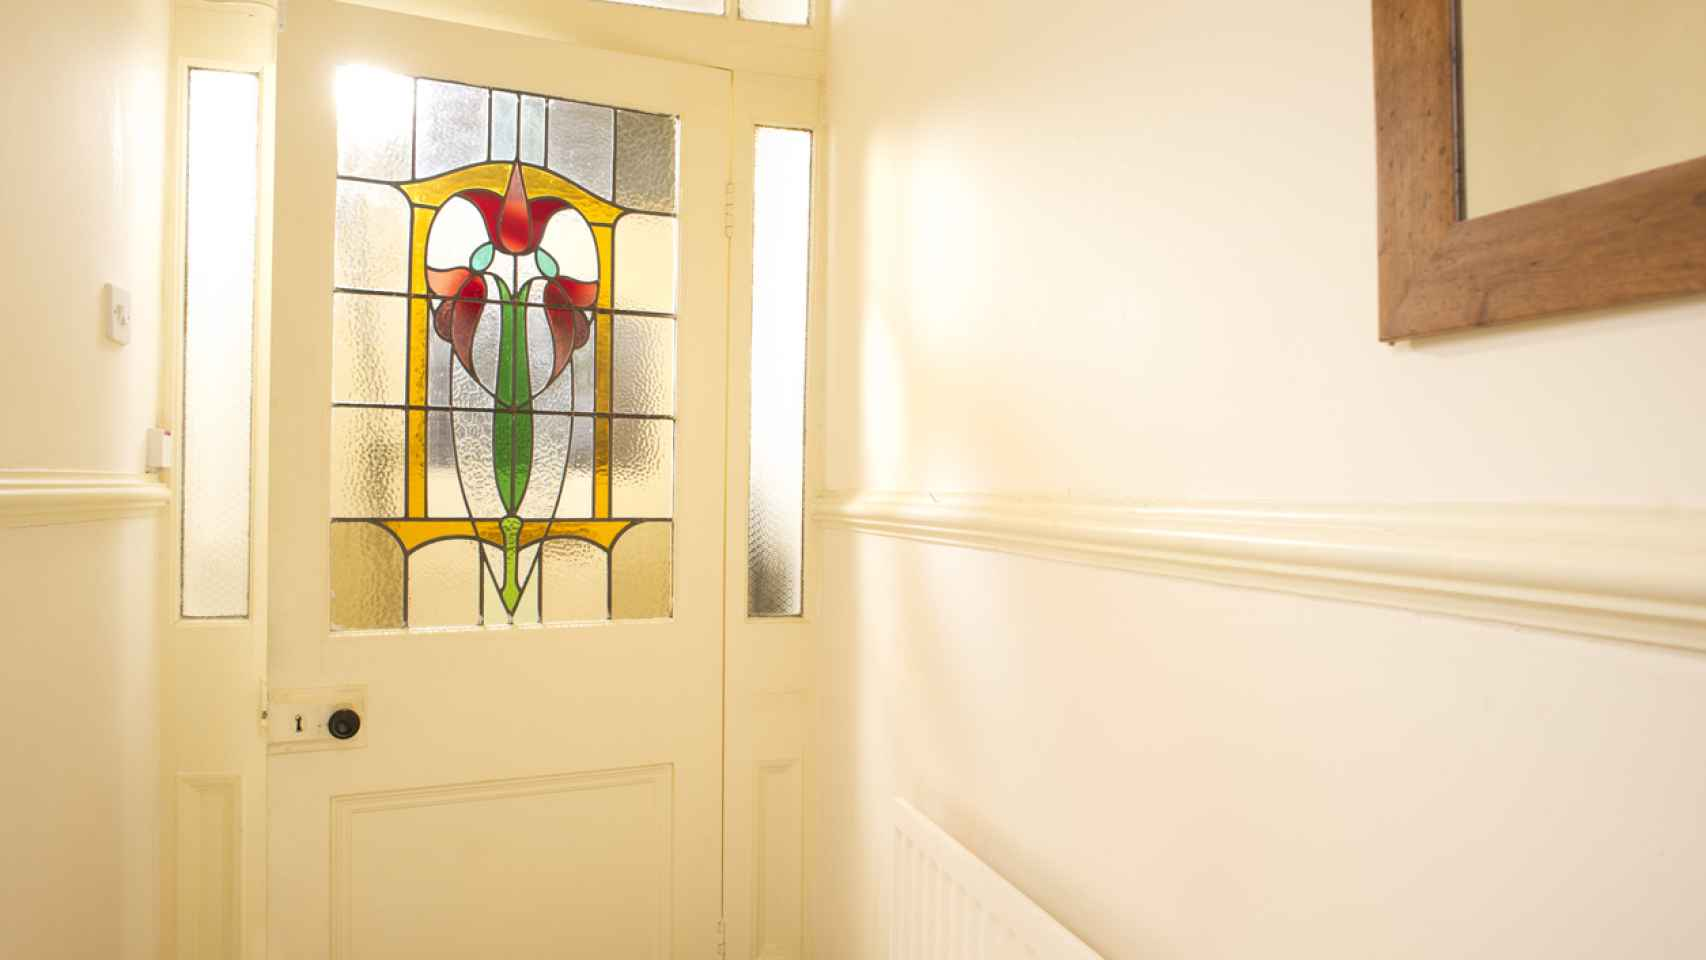 Vinilos decorativos para ventanas con los que ganar privacidad sin perder luz